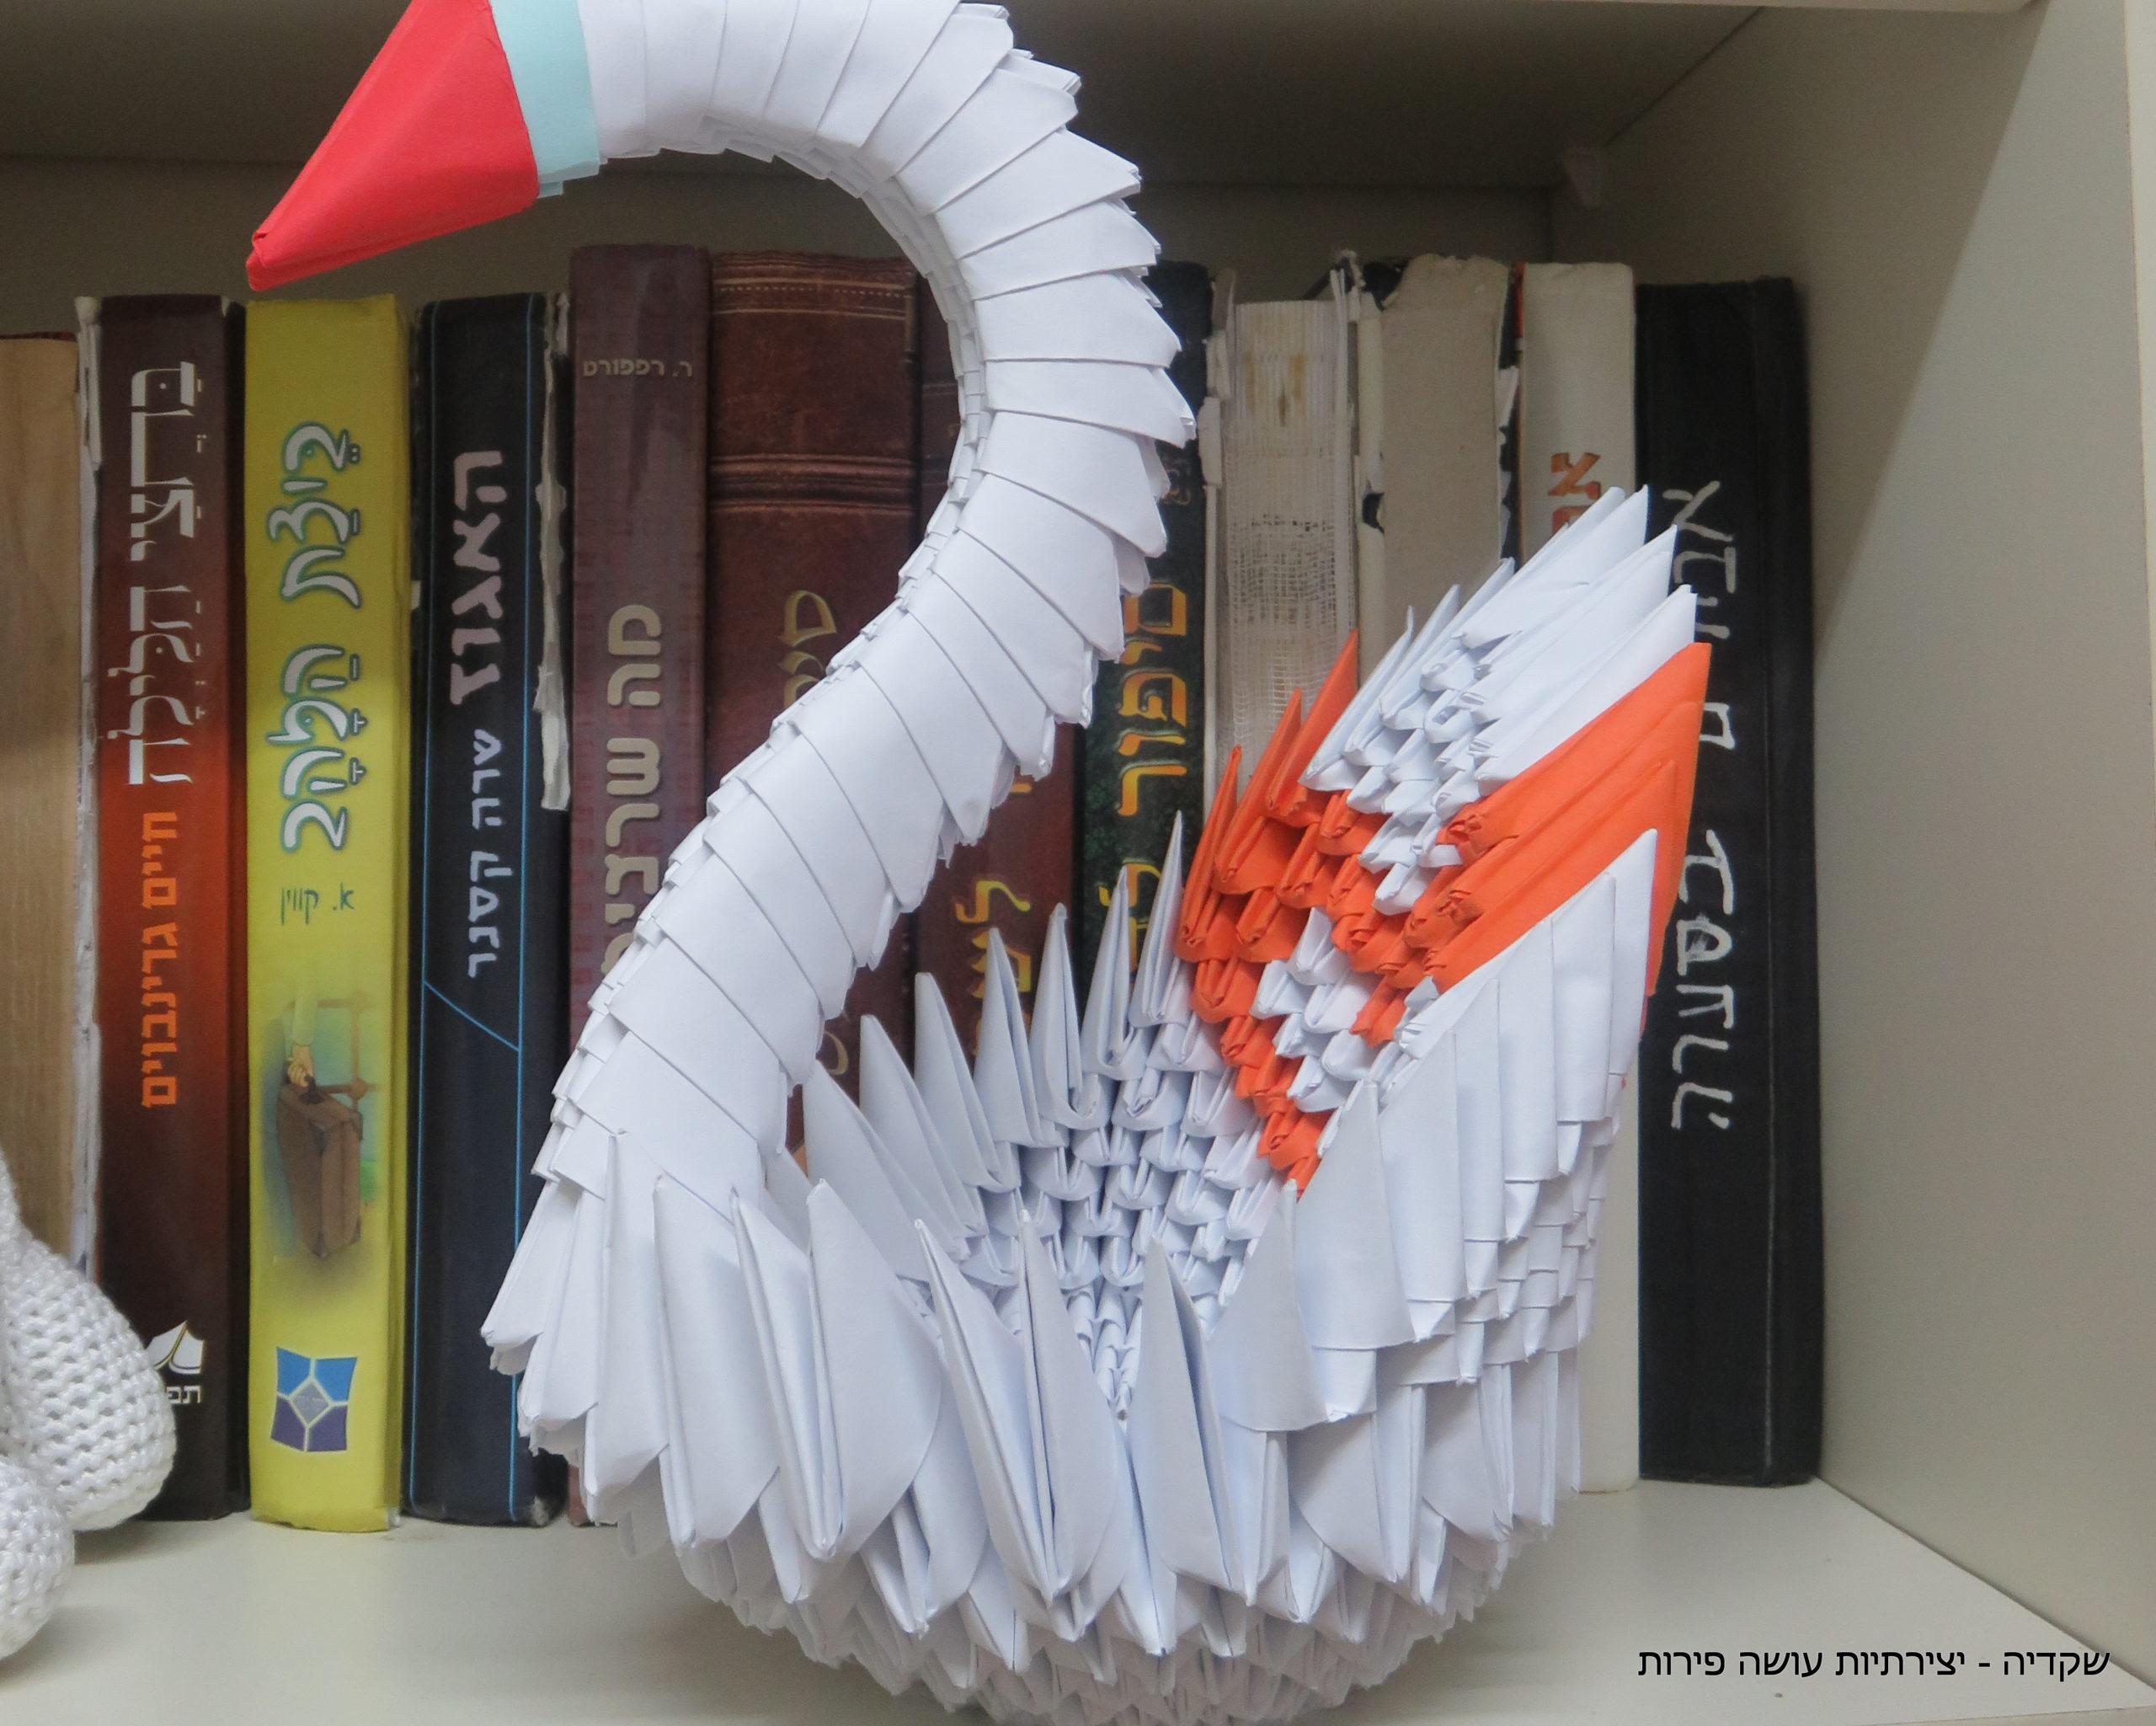 קיפולי ניר 3D - שקדיה יצירתיות עושה פירות